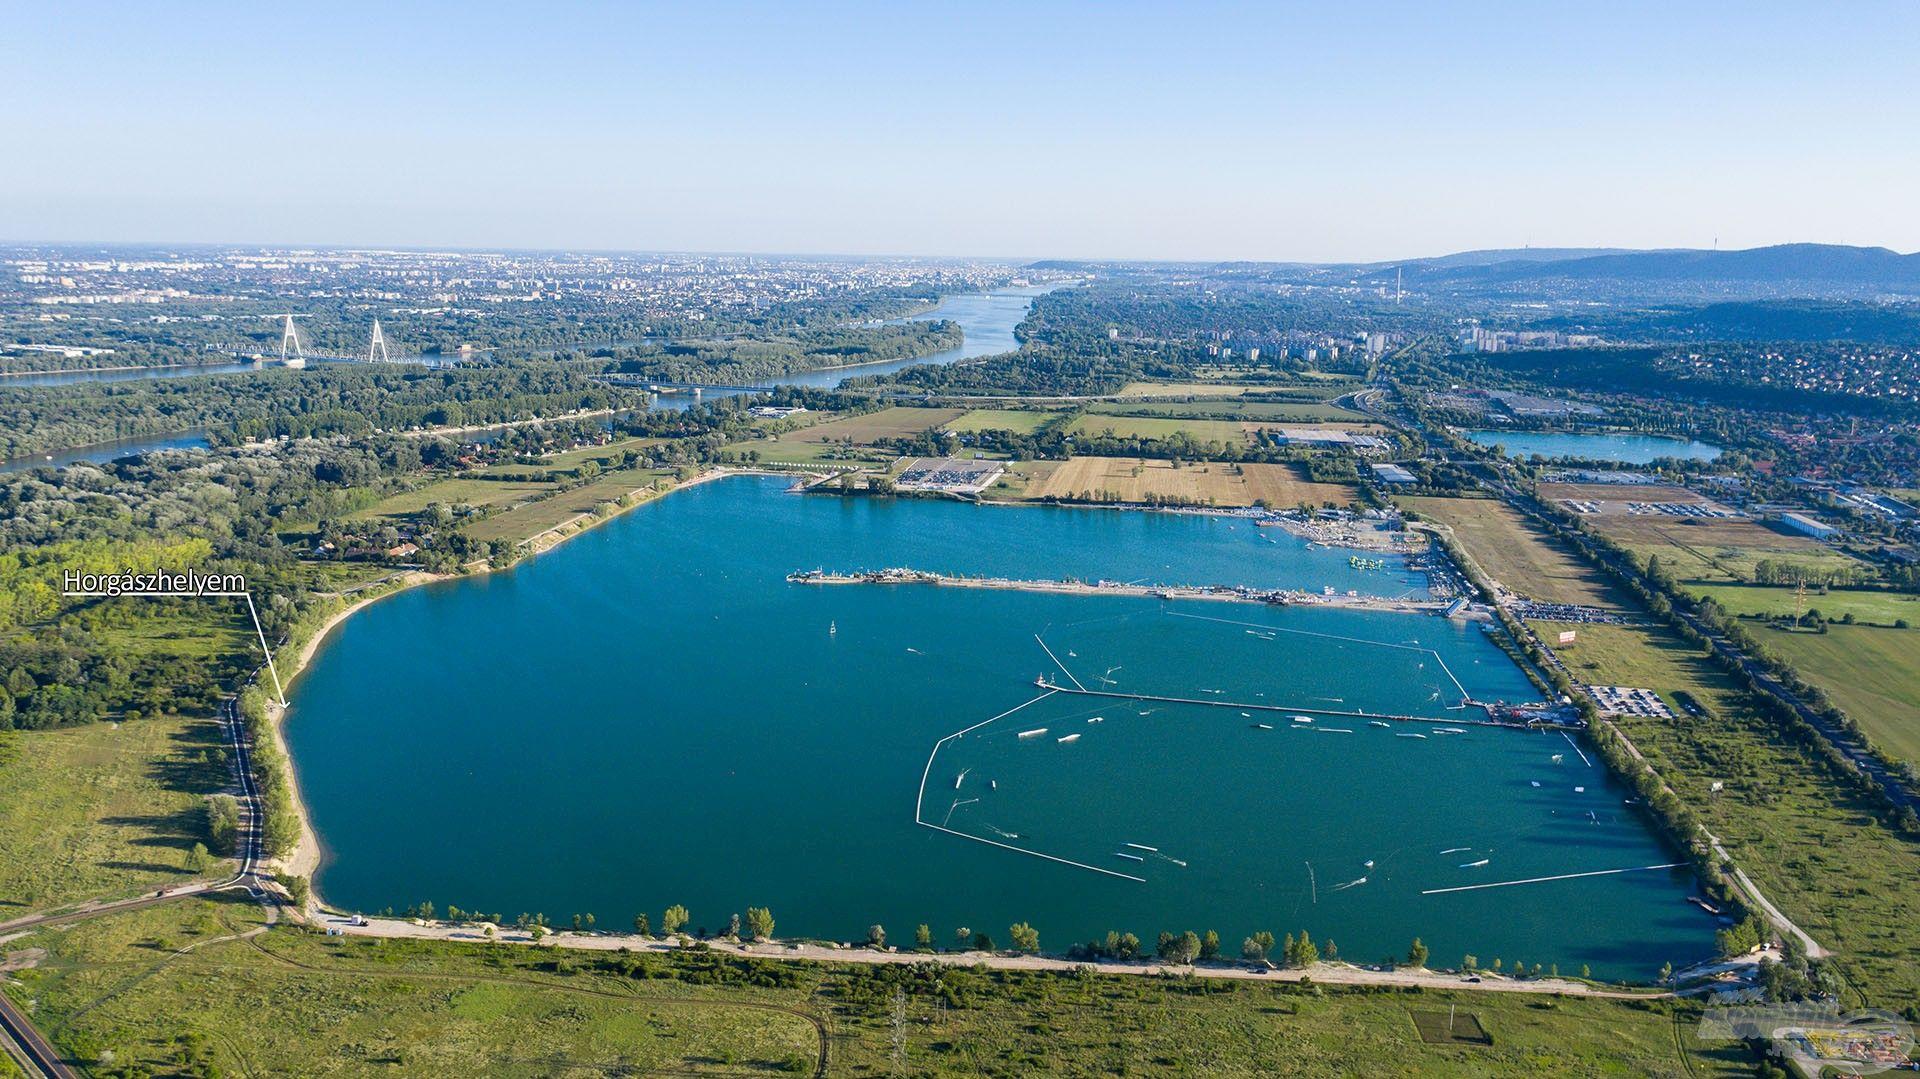 A Lupa-tó madártávlatból. Egyszerűen csodálatos a 98 hektár vízfelület, amely akár 9 méter mély is lehet. Óriási élettér ez a halaknak!